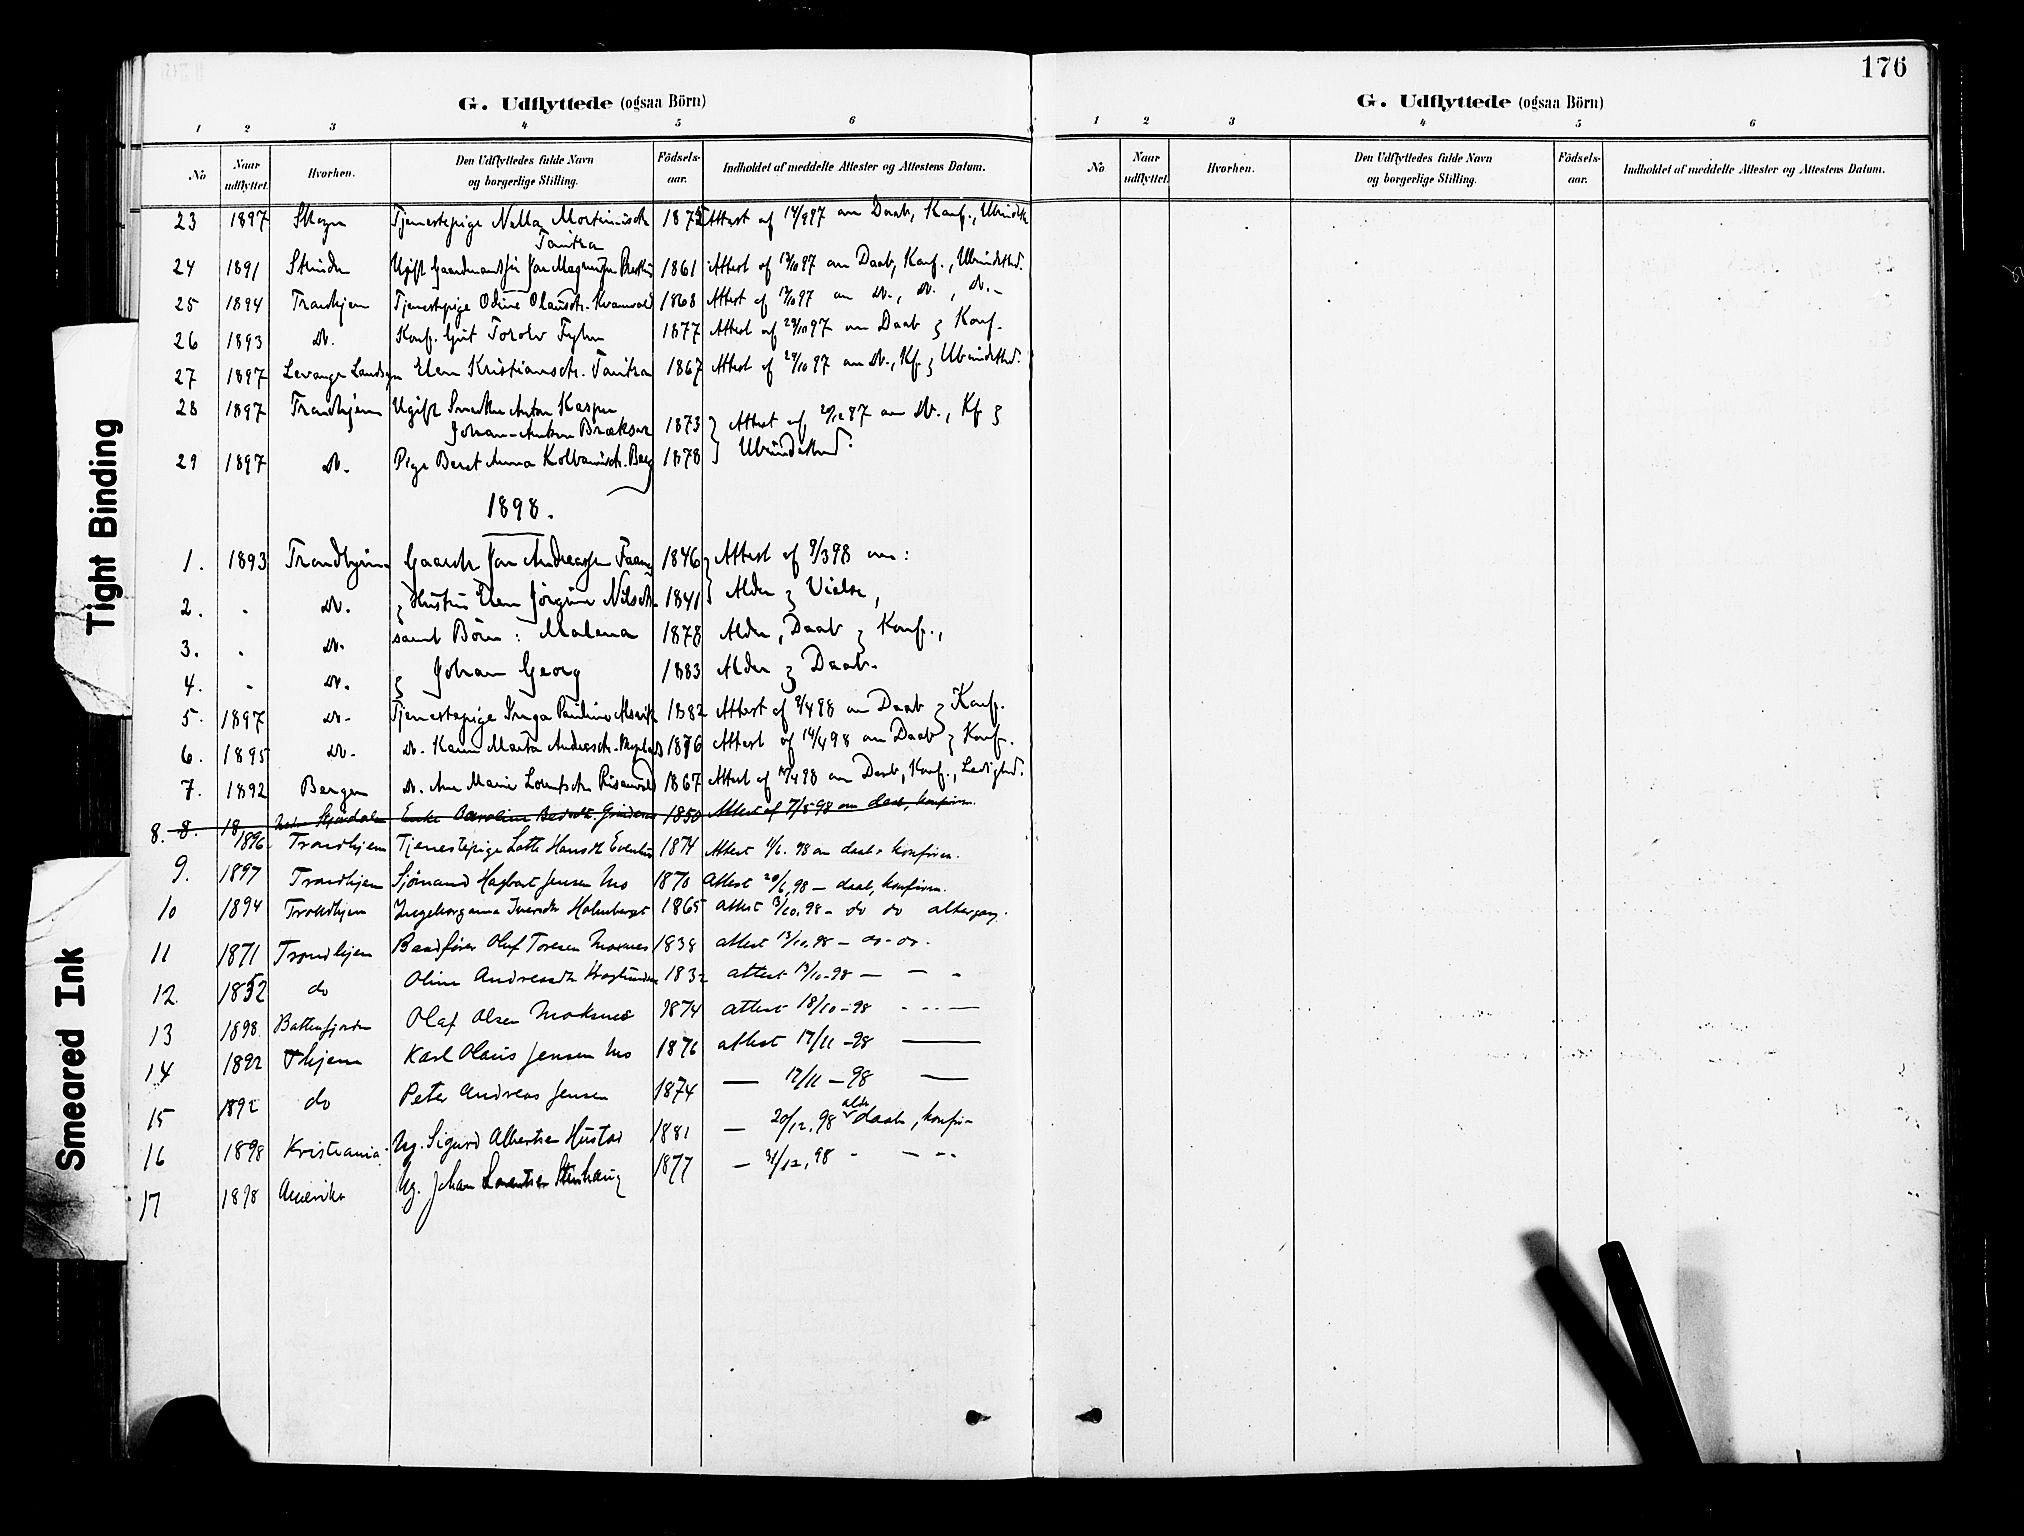 SAT, Ministerialprotokoller, klokkerbøker og fødselsregistre - Nord-Trøndelag, 713/L0121: Ministerialbok nr. 713A10, 1888-1898, s. 176